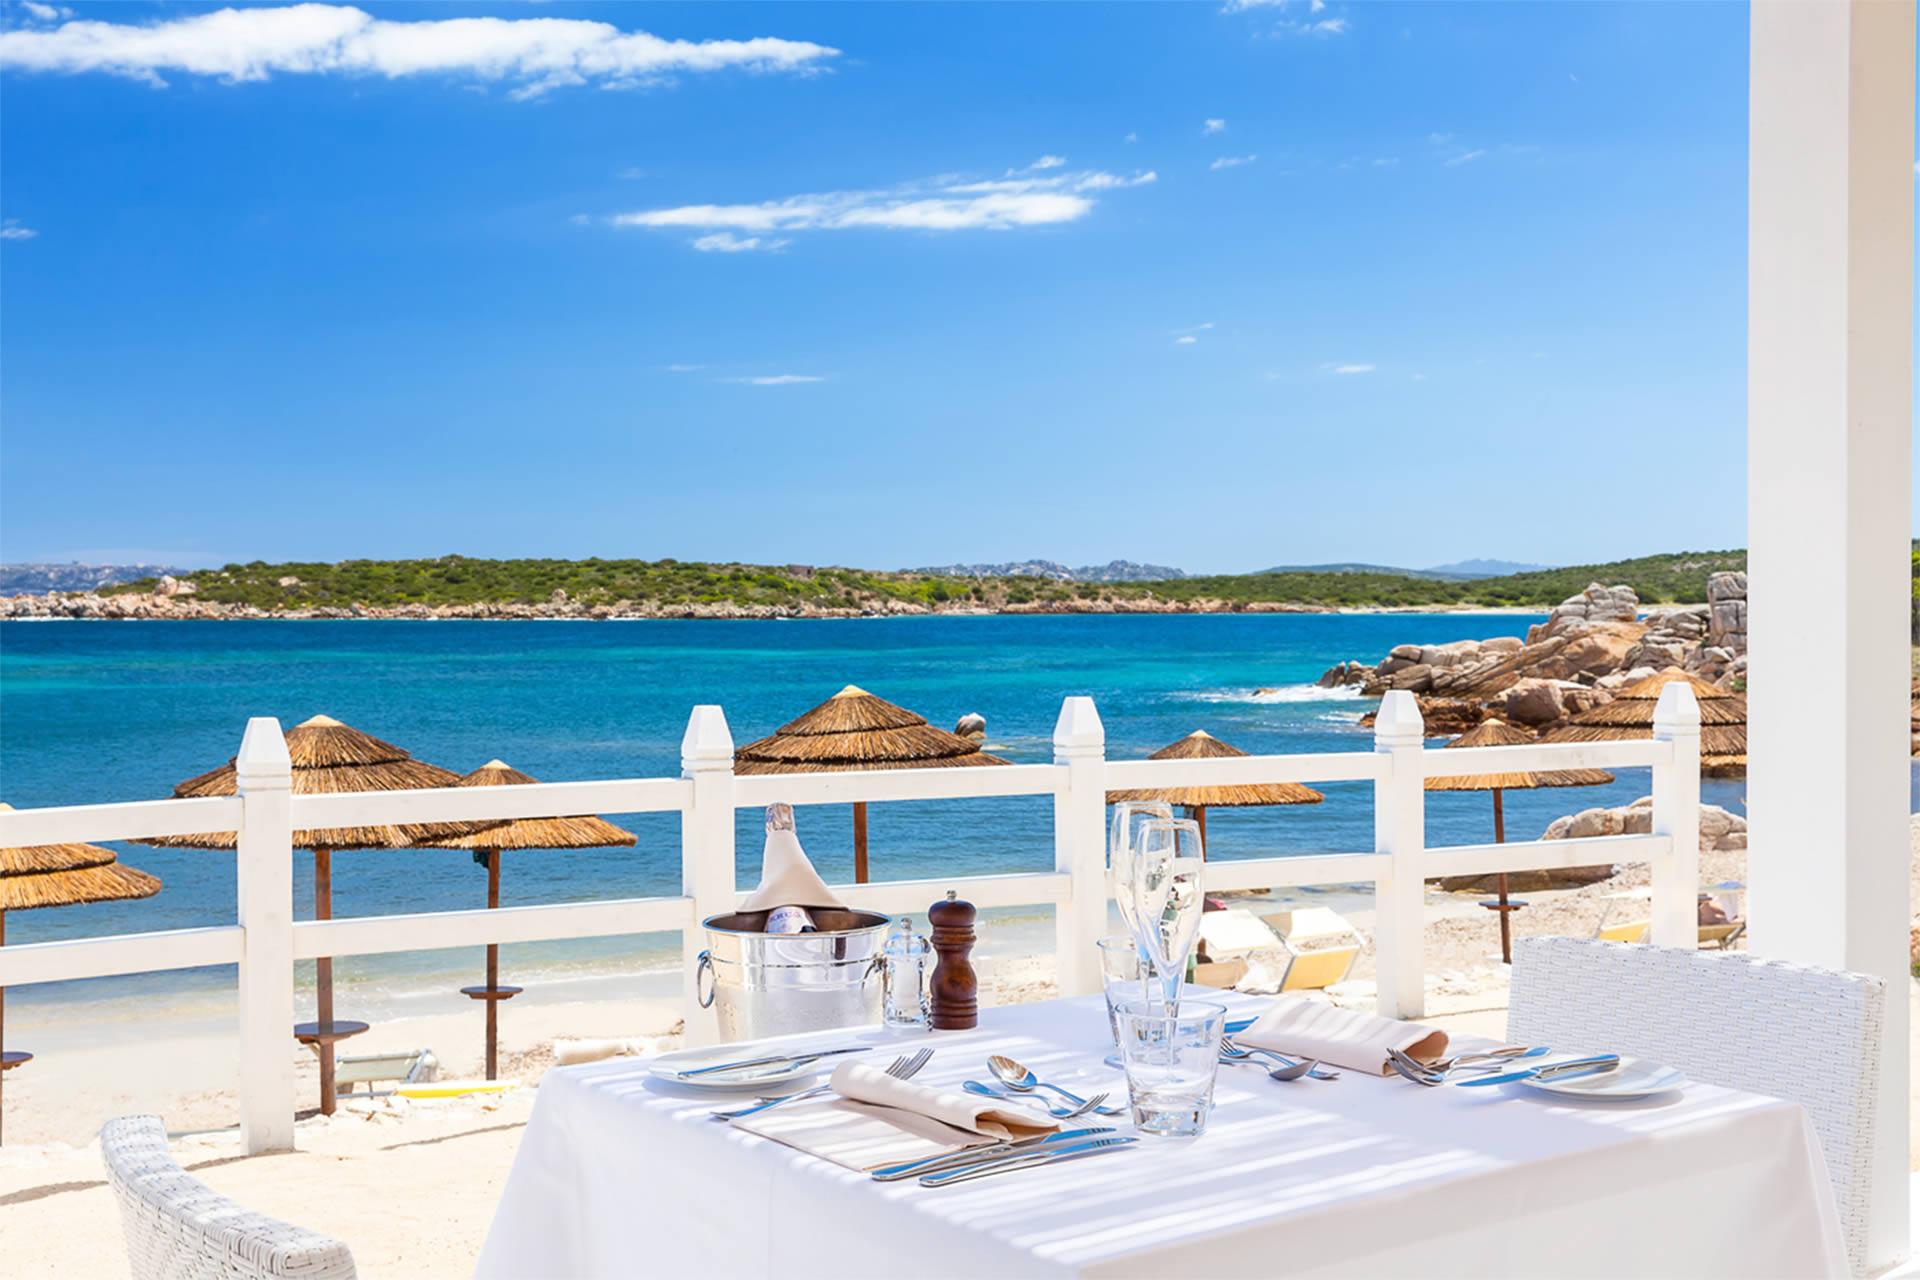 gruppo-felix-hotels-la-coluccia-servizi-ristorante-beach-8